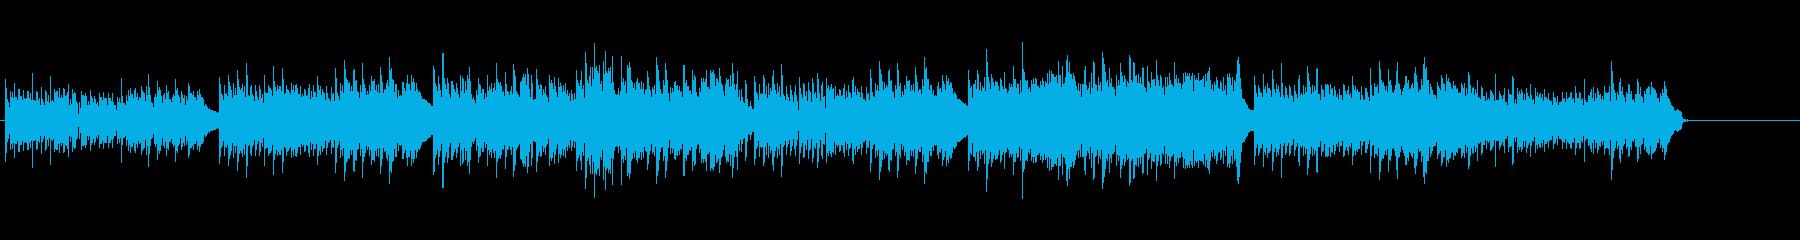 華麗でクラシカルなピアノメロディーの再生済みの波形